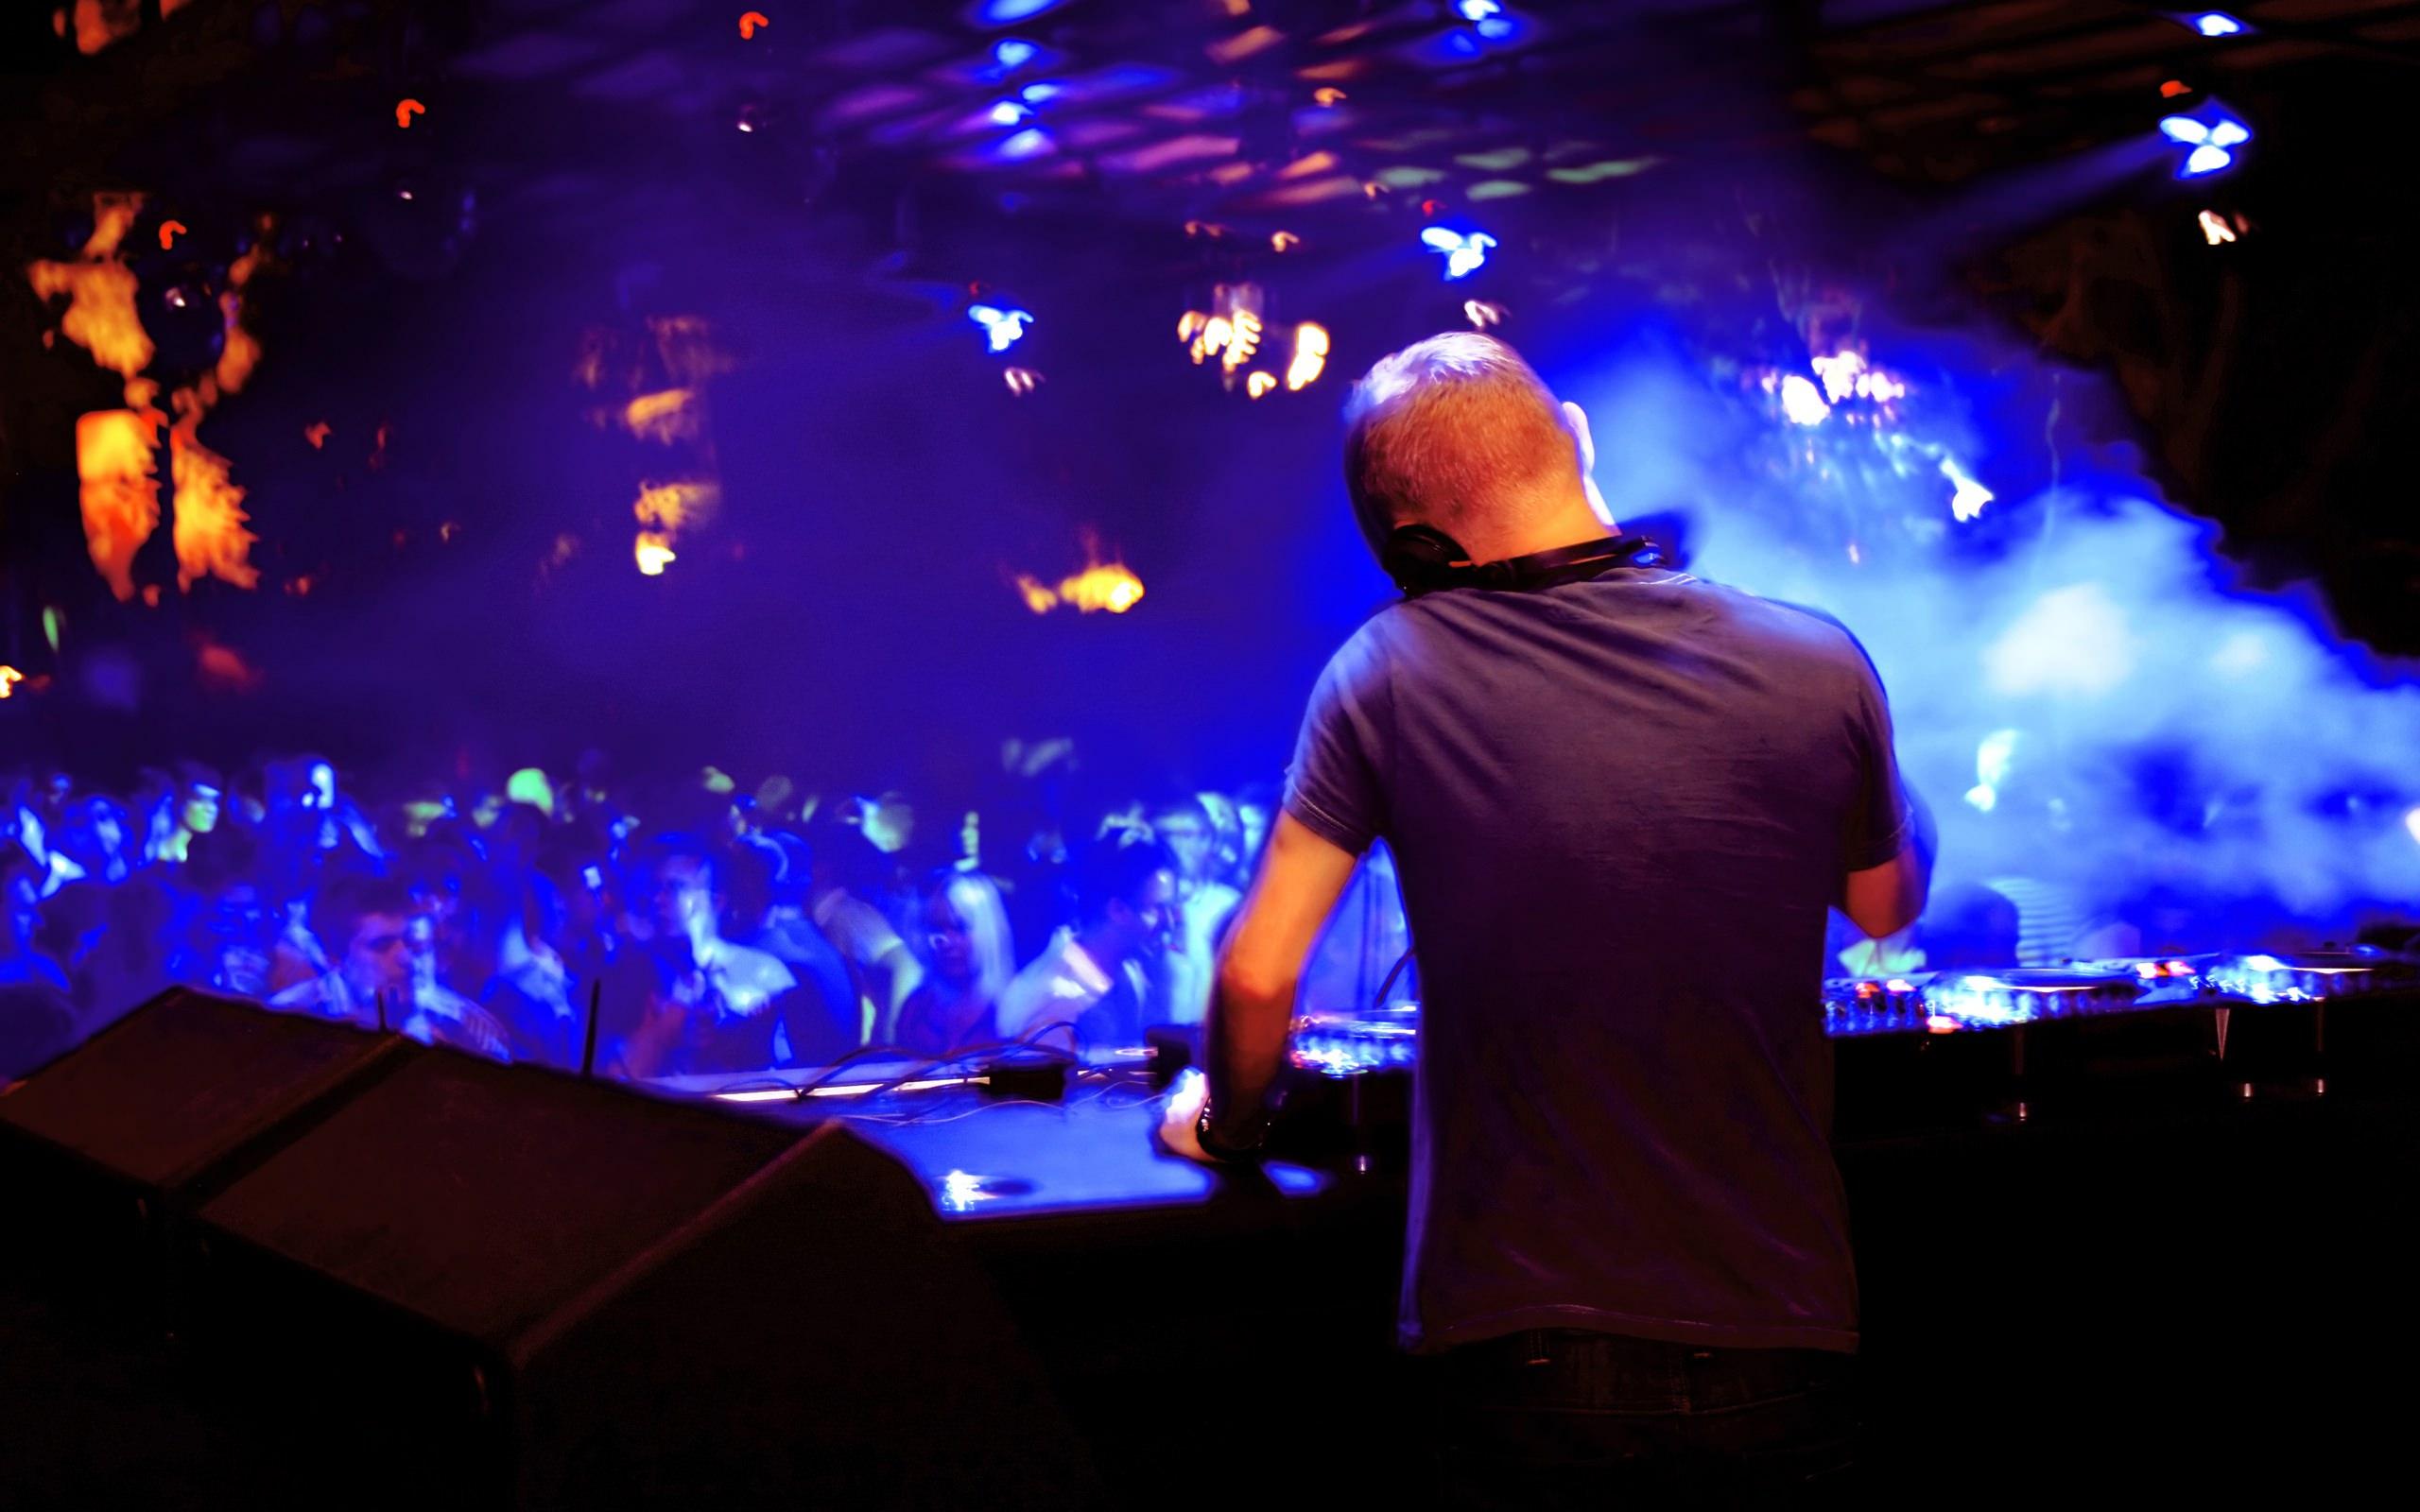 Обои Диджей крутит музыку в клубе, люди, толпа, тусовка на ...